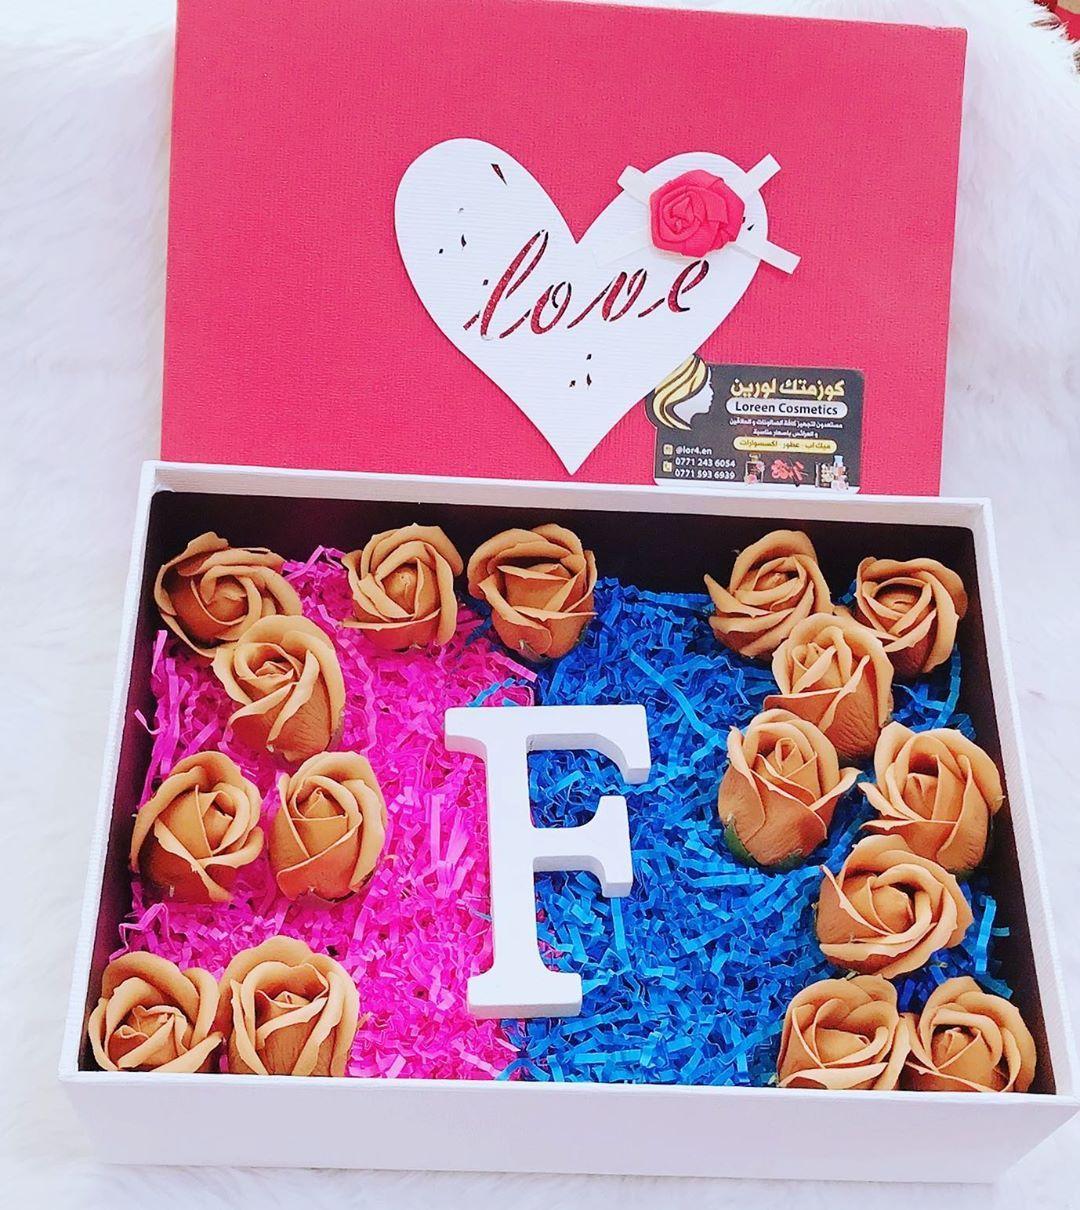 أصحاب حرف F ملوك علي عرش الجاذبية ومميزون بالجمال الروحي وخفة الدم و فولومي انست Birthday Birthday Cake Cake